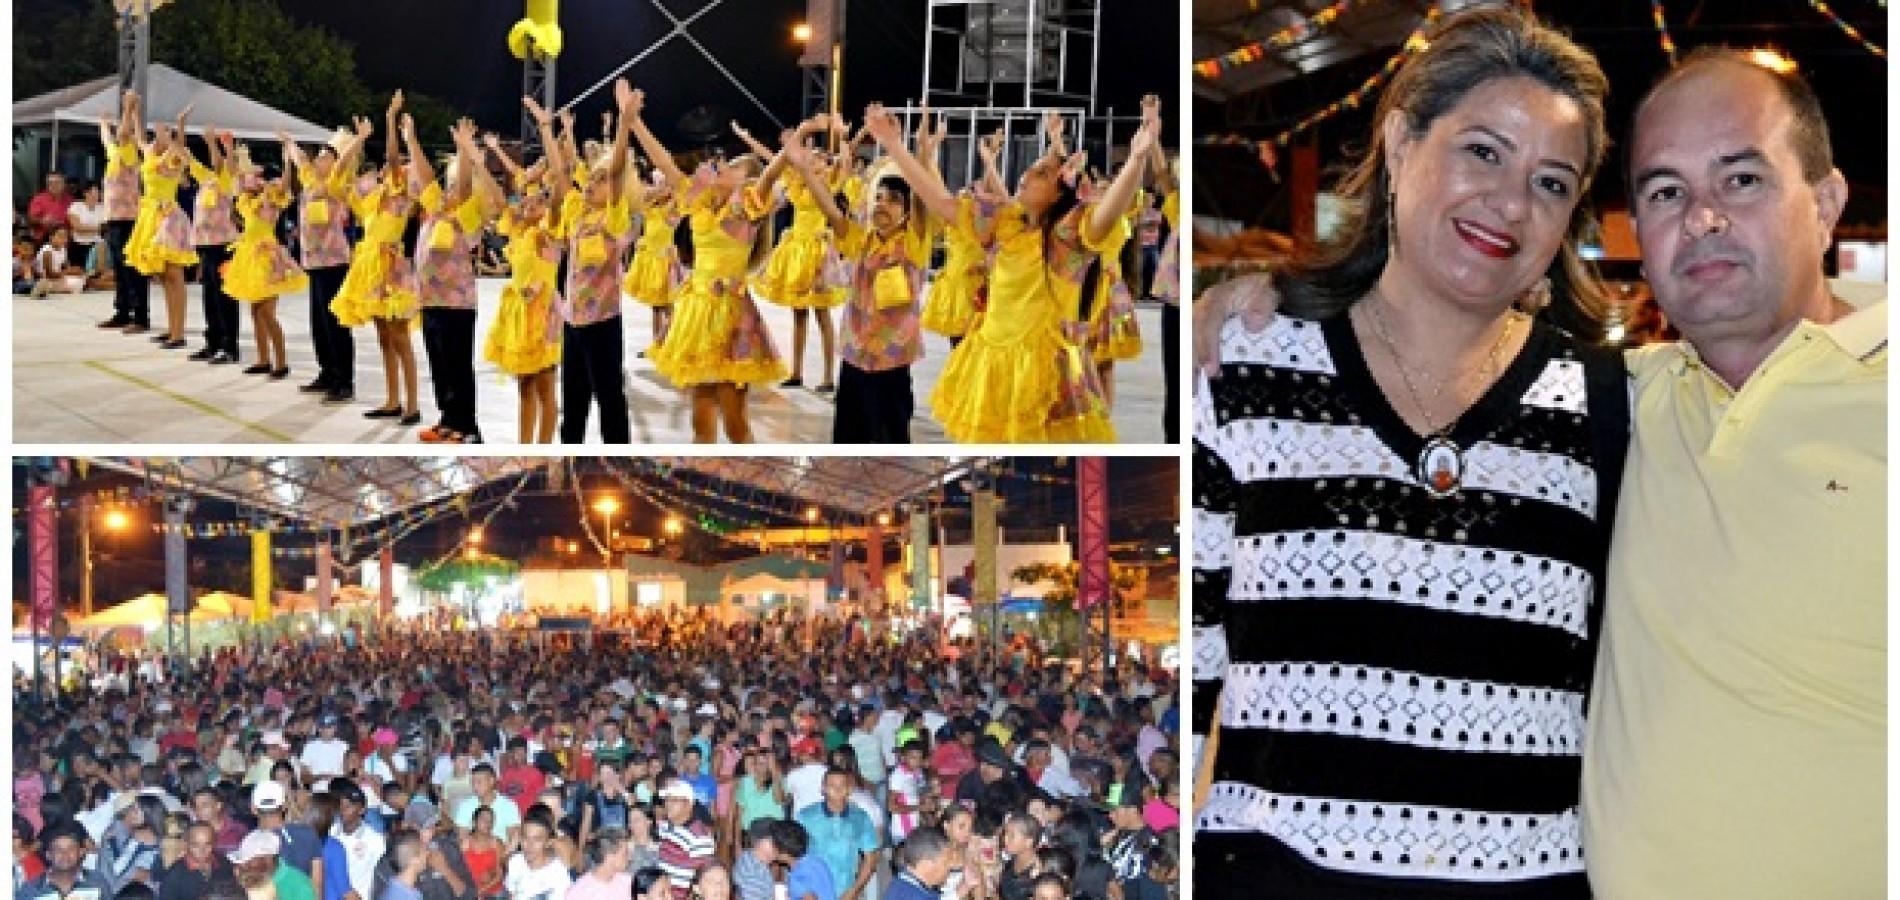 'Arraiá de Nóis Tudim' completa 13 anos de tradição em Francisco Macedo; veja fotos